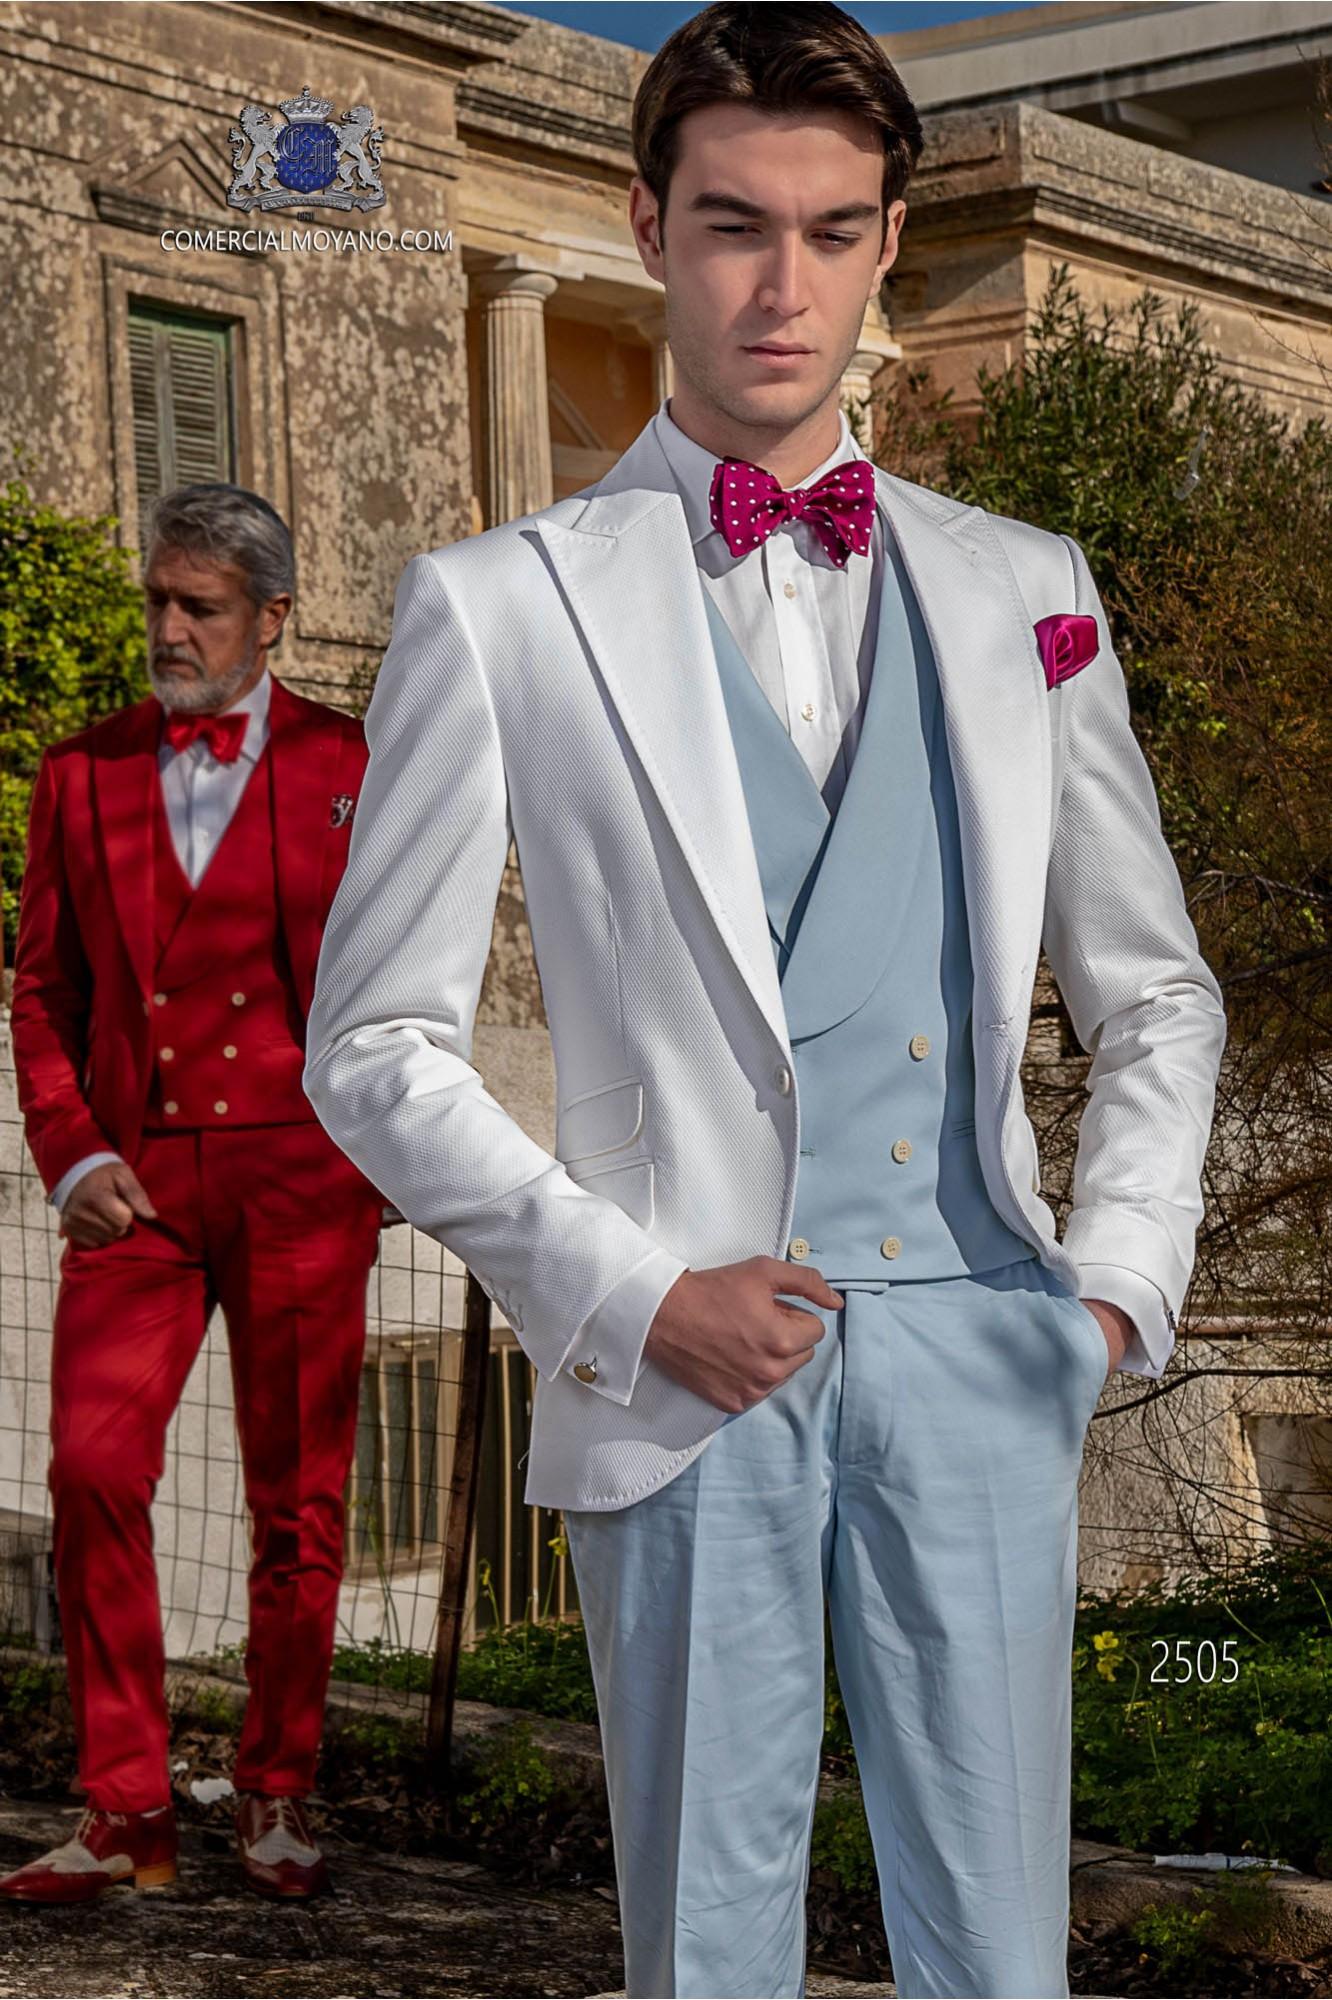 Traje de novio italiano a medida blanco de algodón tejido microdiseño